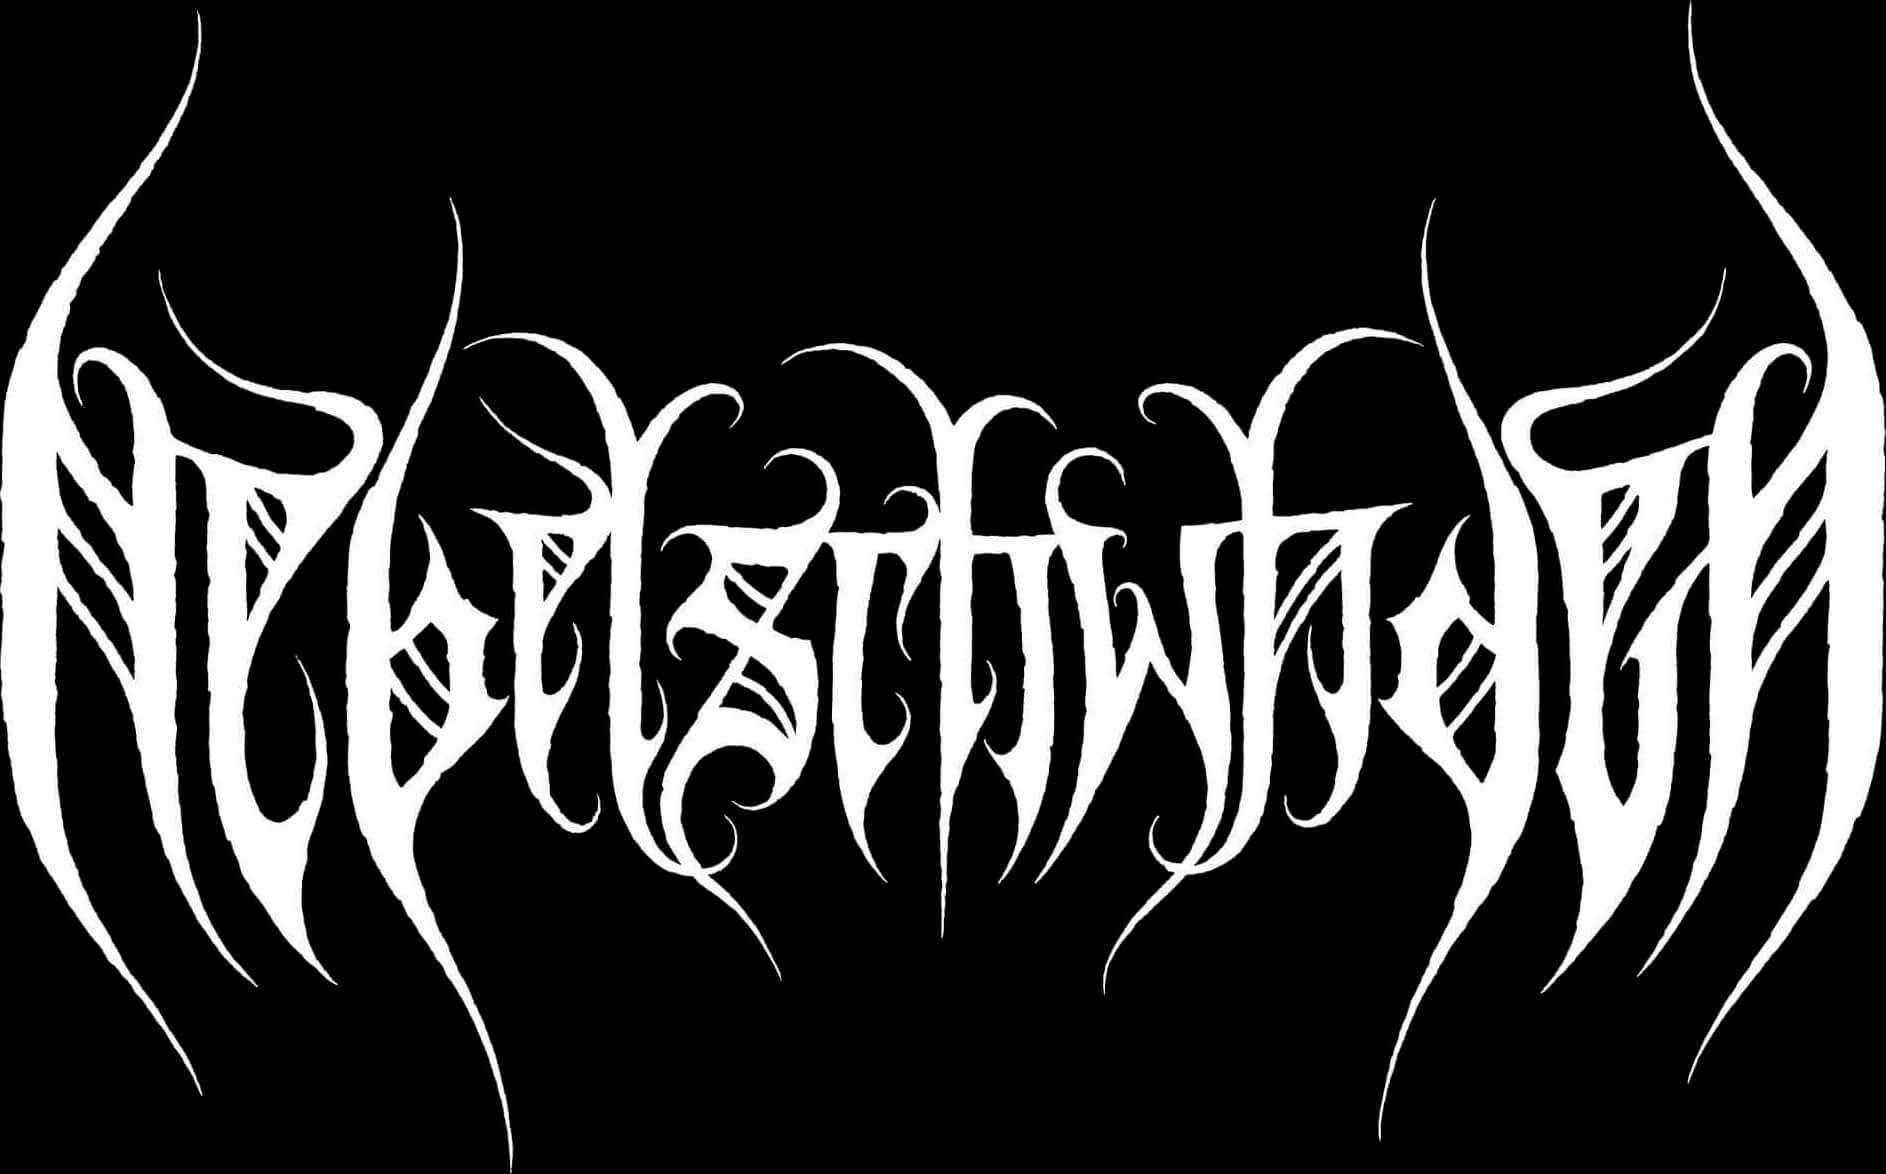 Nebelschwaden - Logo